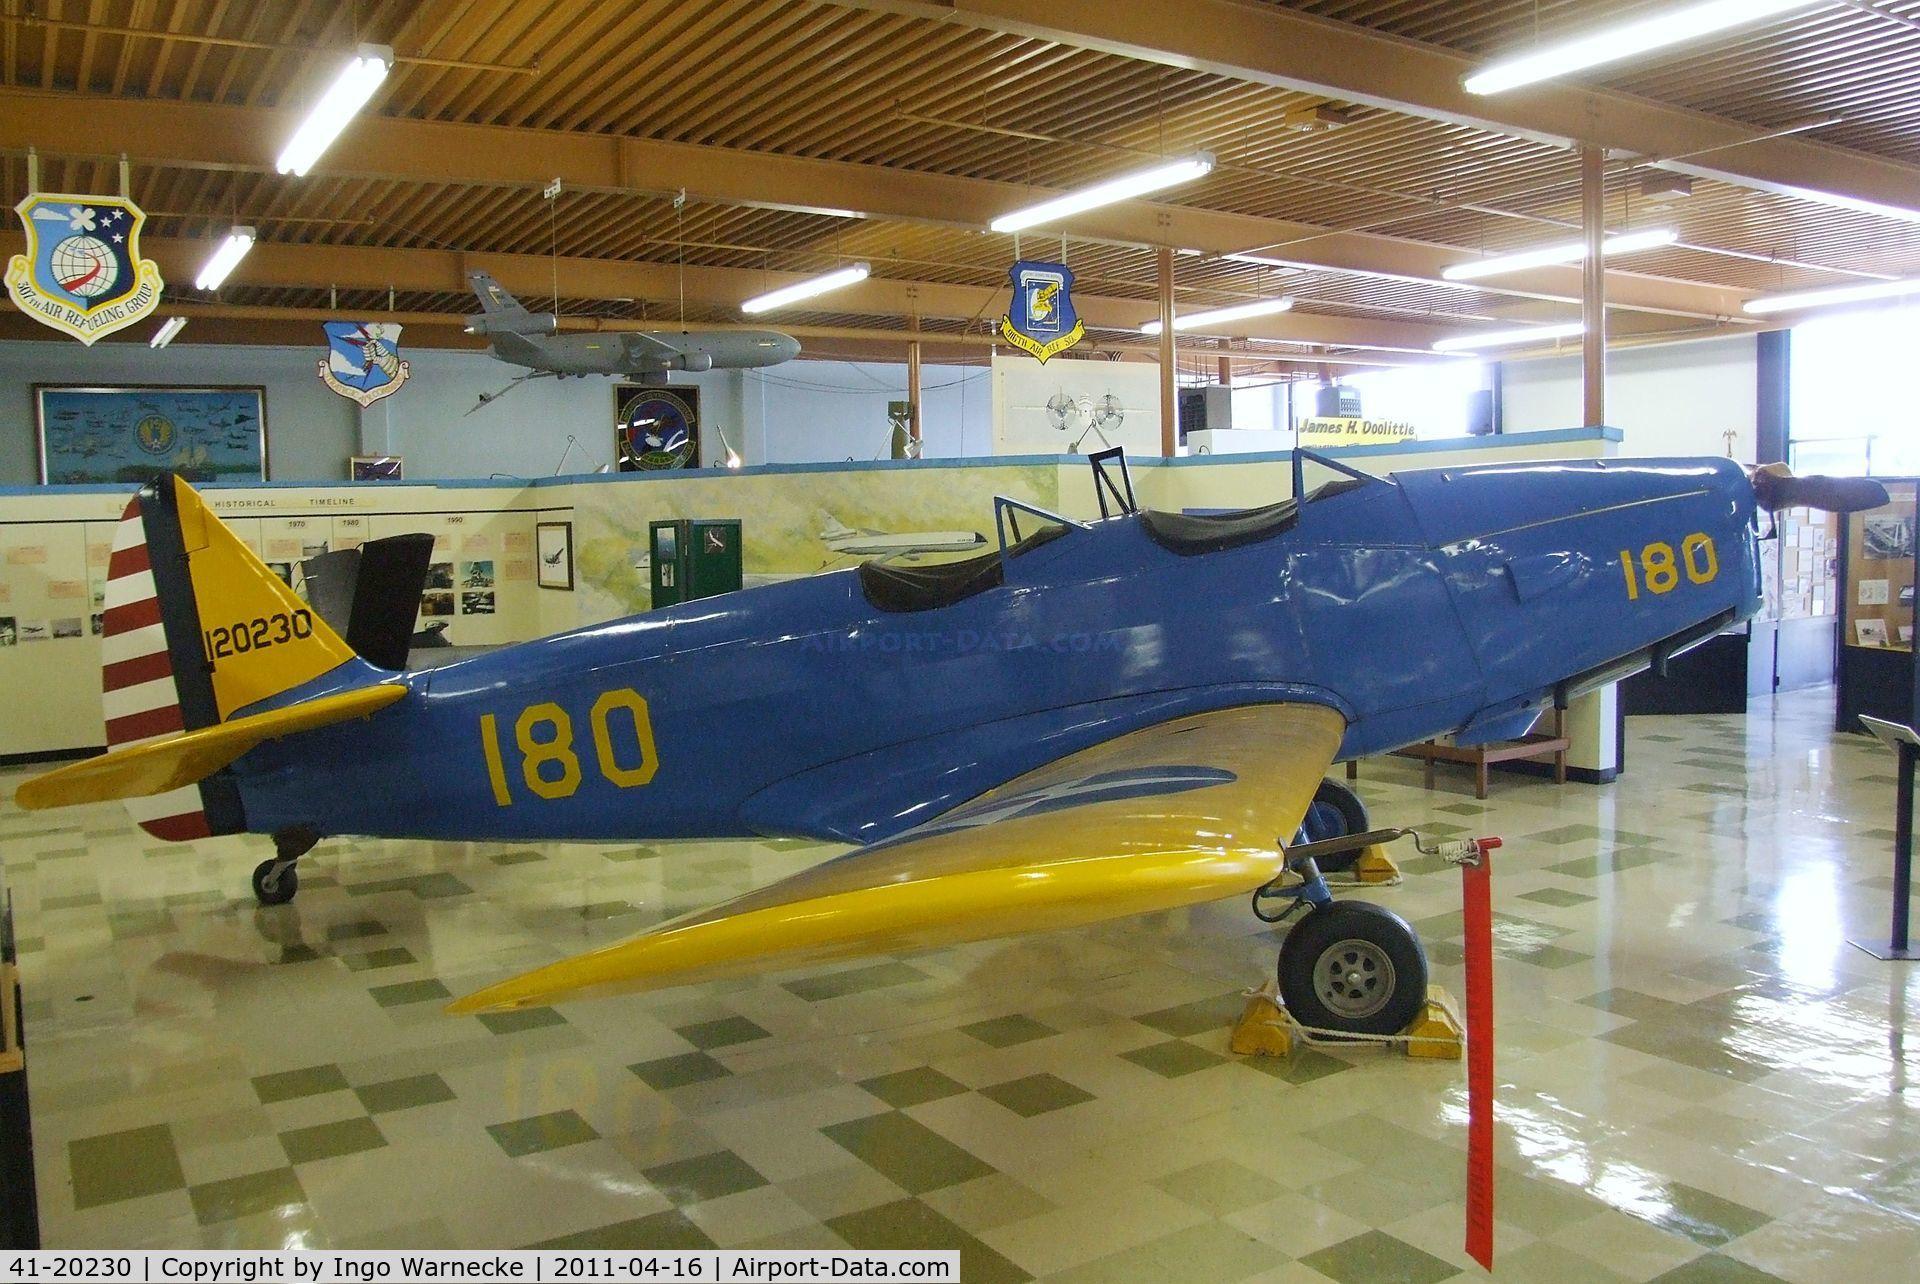 41-20230, Fairchild PT-19A-FA C/N not found 41-20230, Fairchild PT-19A at the Travis Air Museum, Travis AFB Fairfield CA